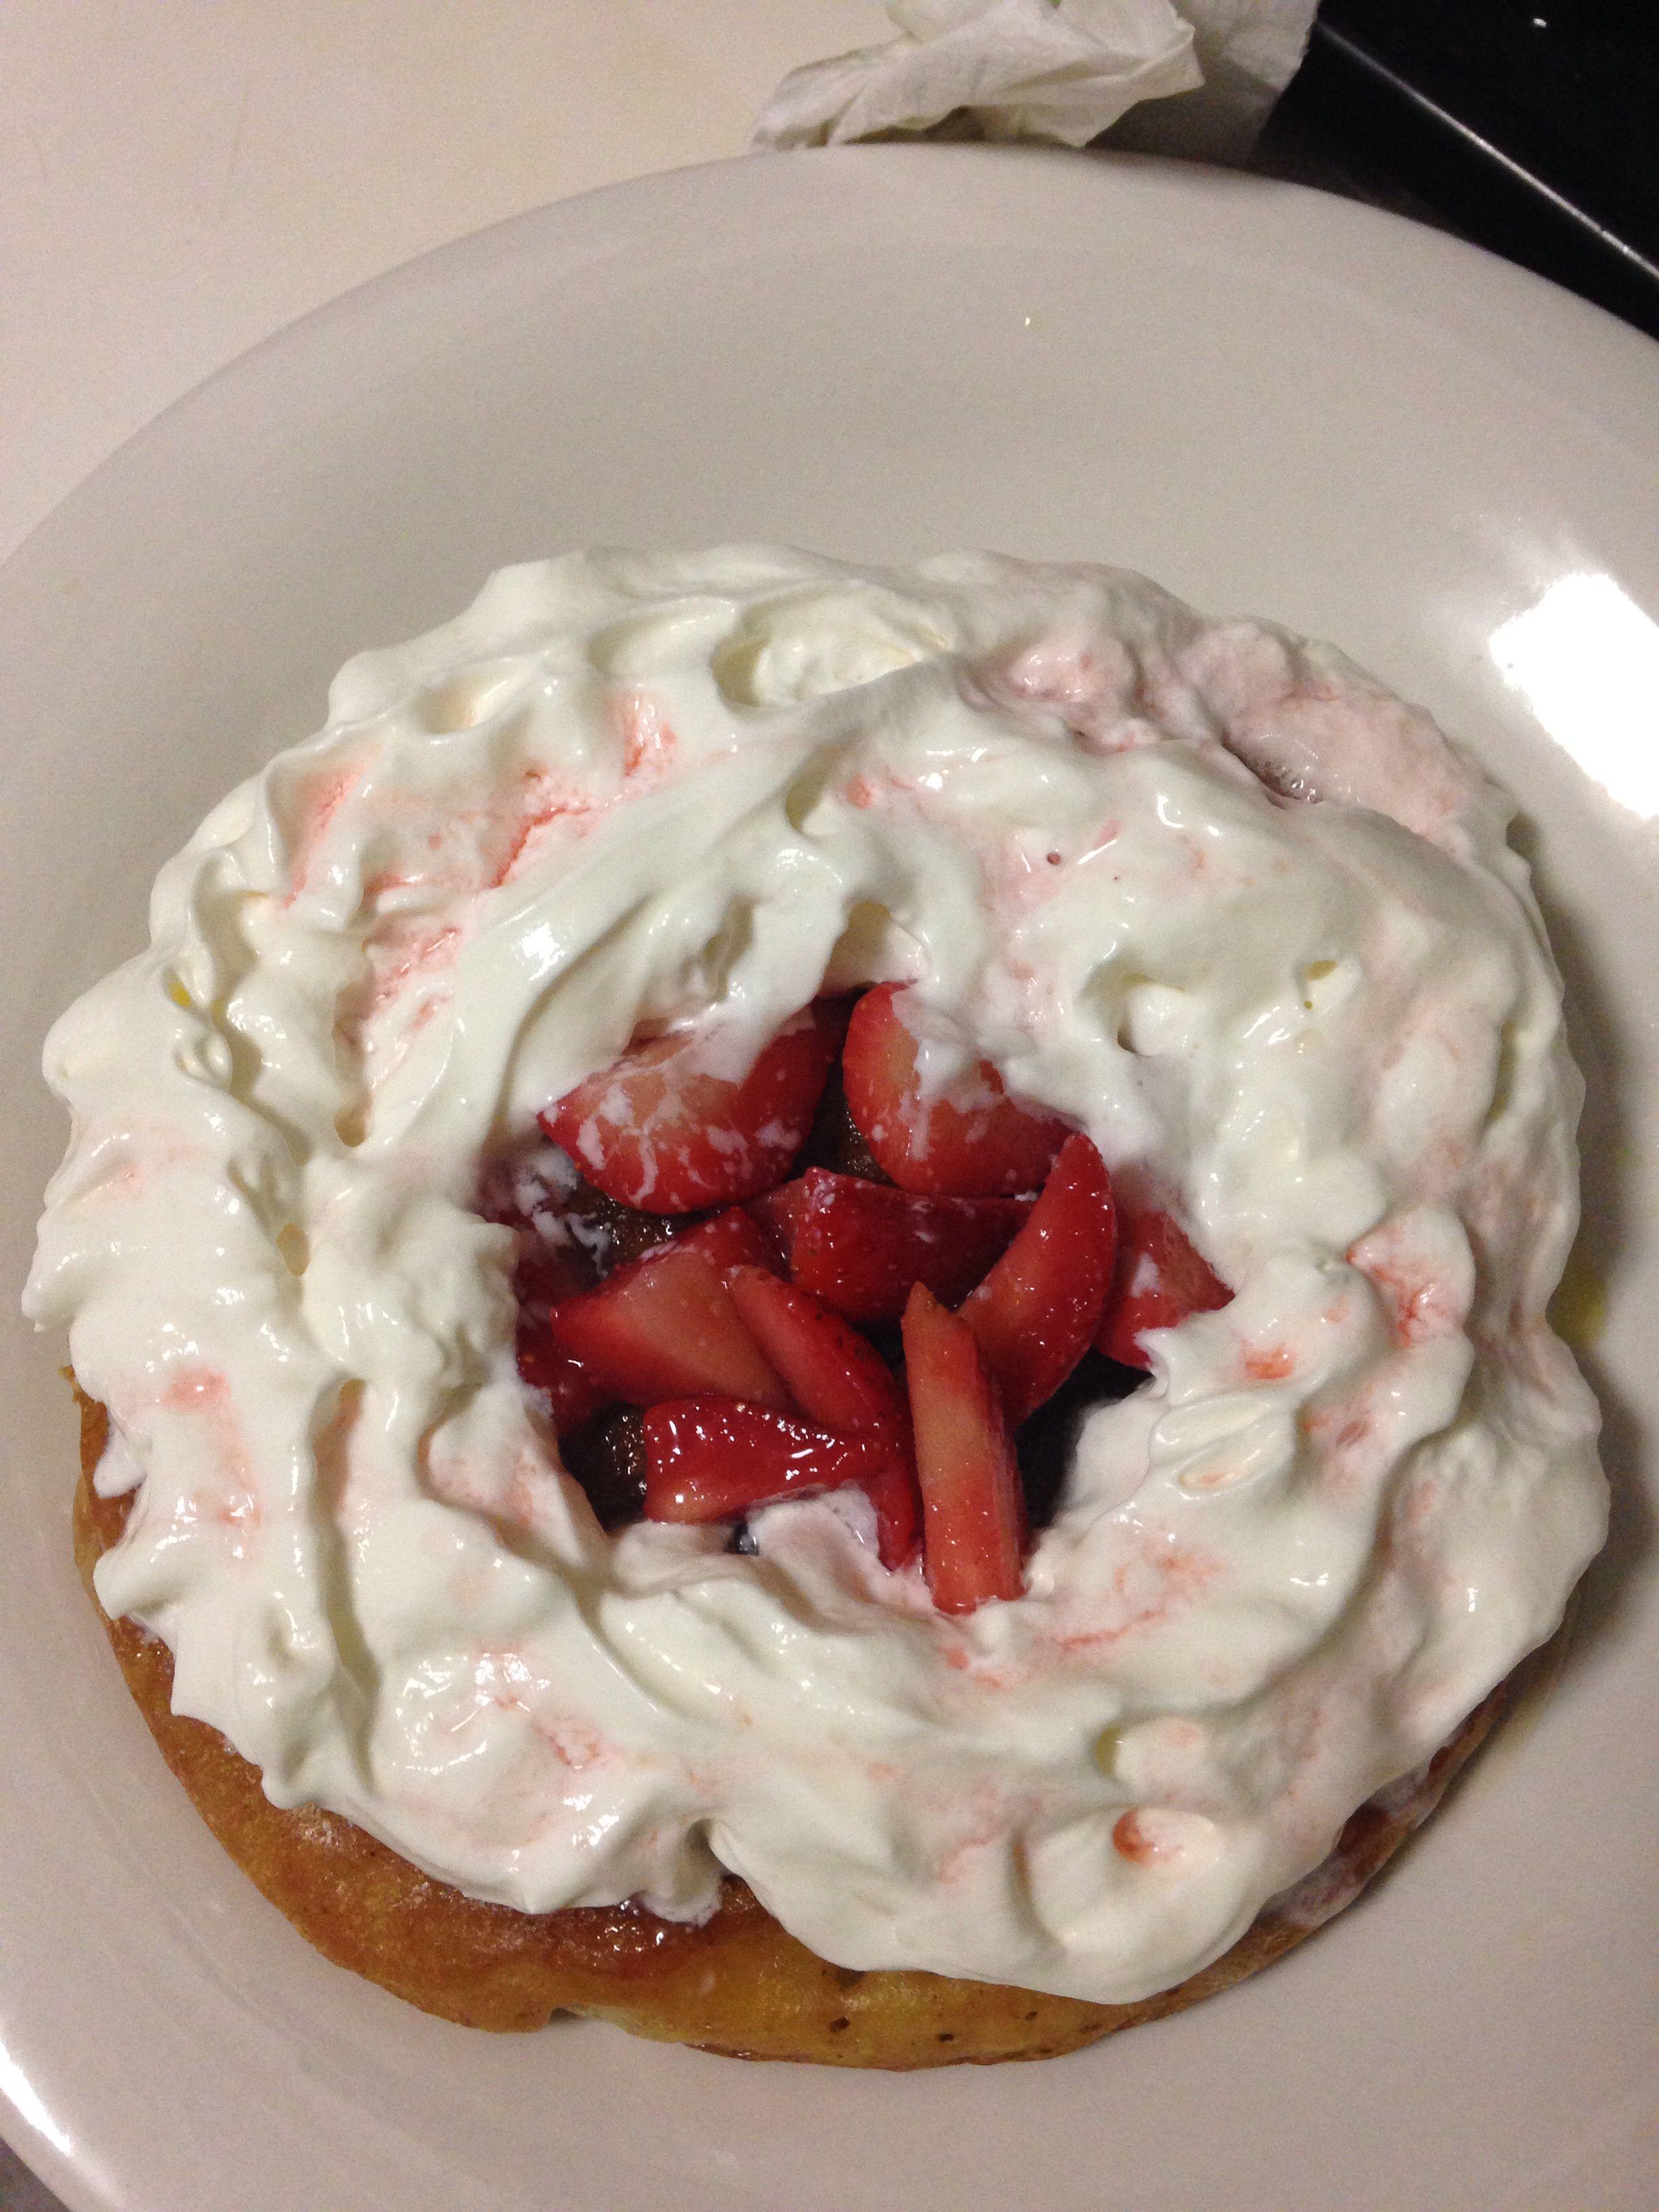 Vanilla cinnamon pancake topped with fresh strawberries